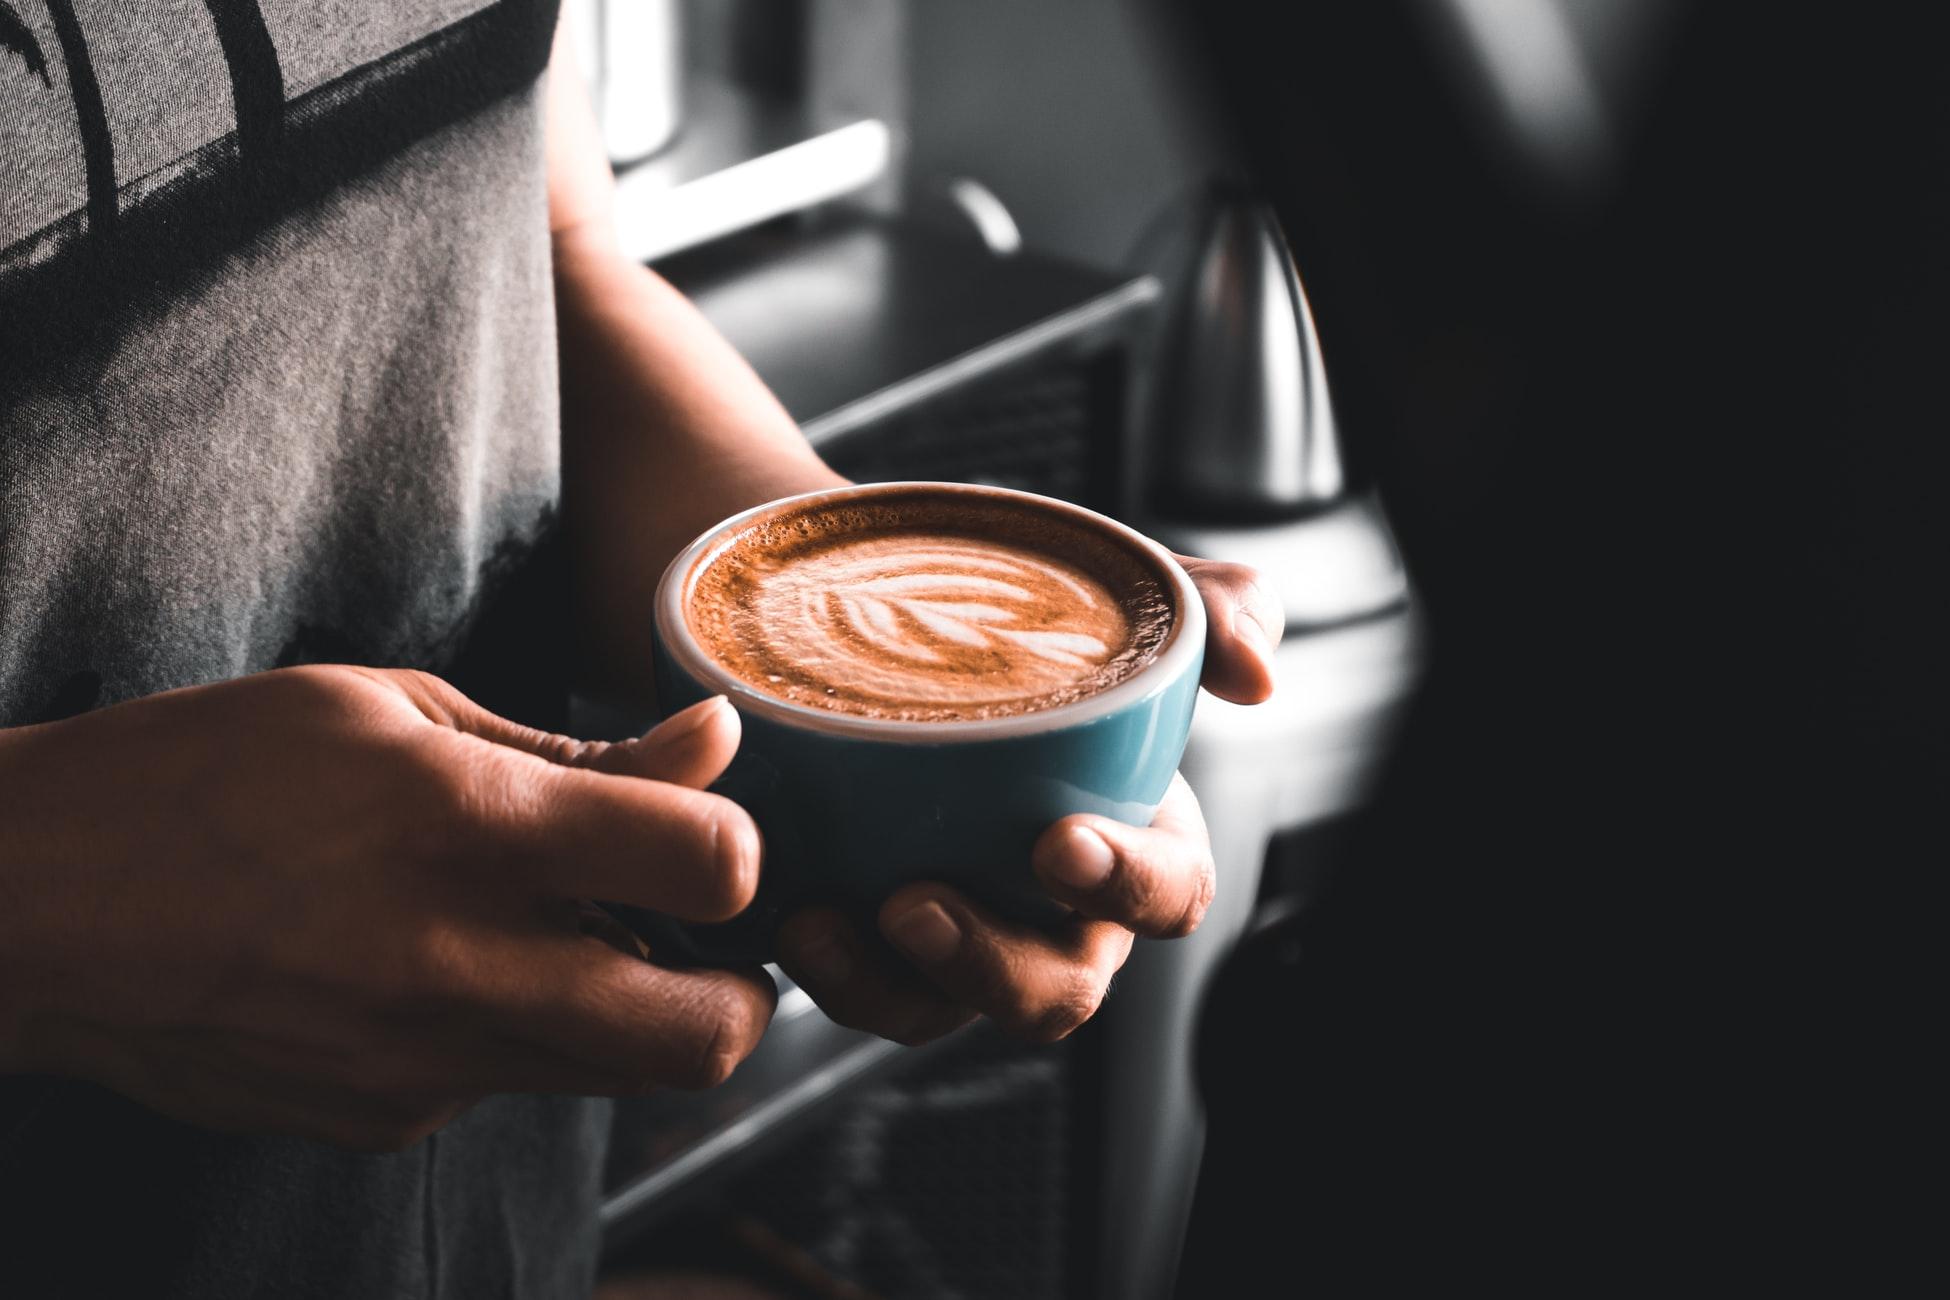 咖啡廳市場競爭,如何提升顧客品牌忠誠度